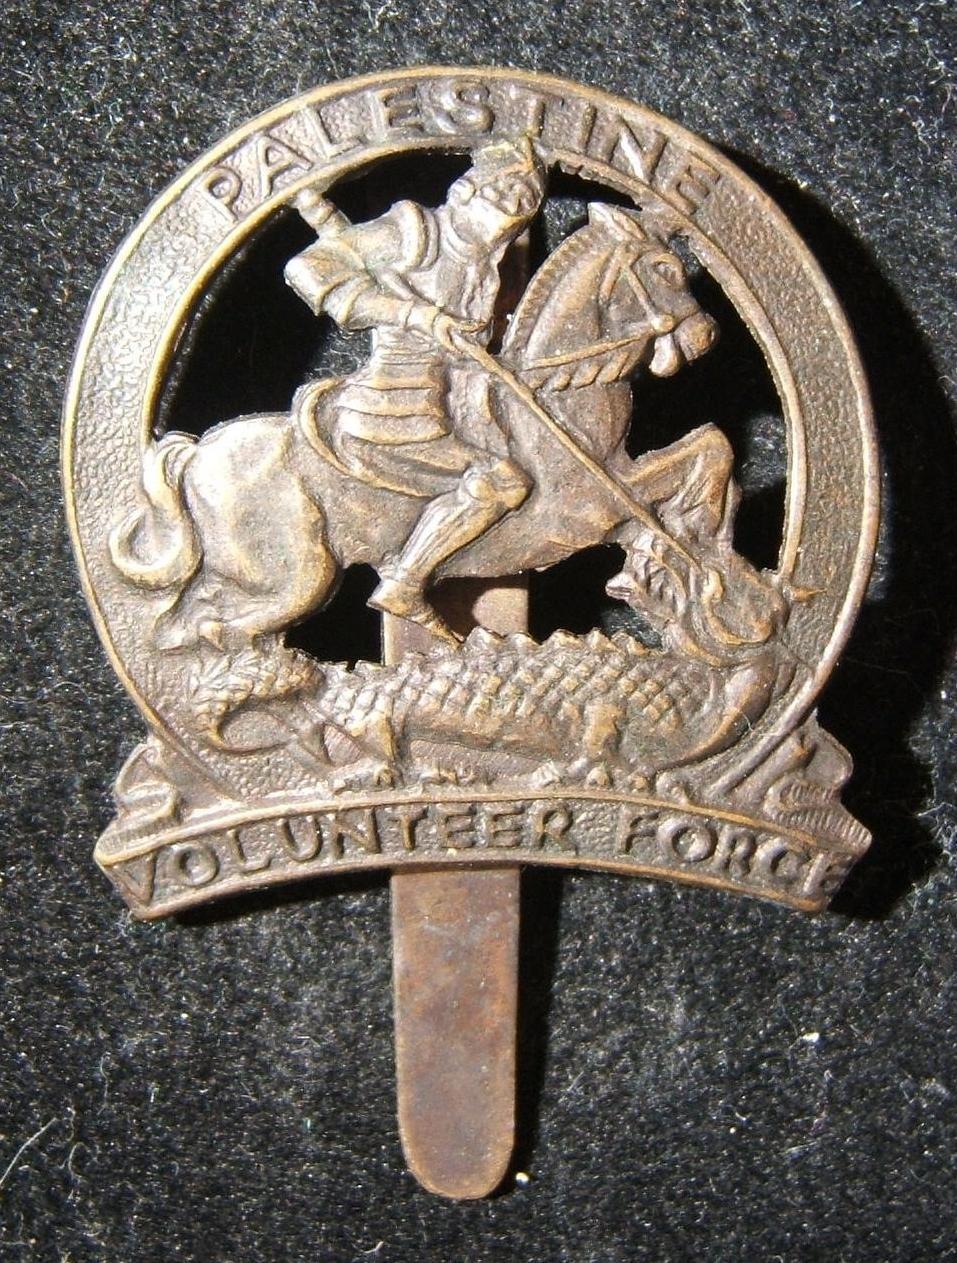 شارة شارة معدنية لحقبة الحرب العالمية الثانية فلسطين قوة المتطوعين بحرس المنزل 1940-43